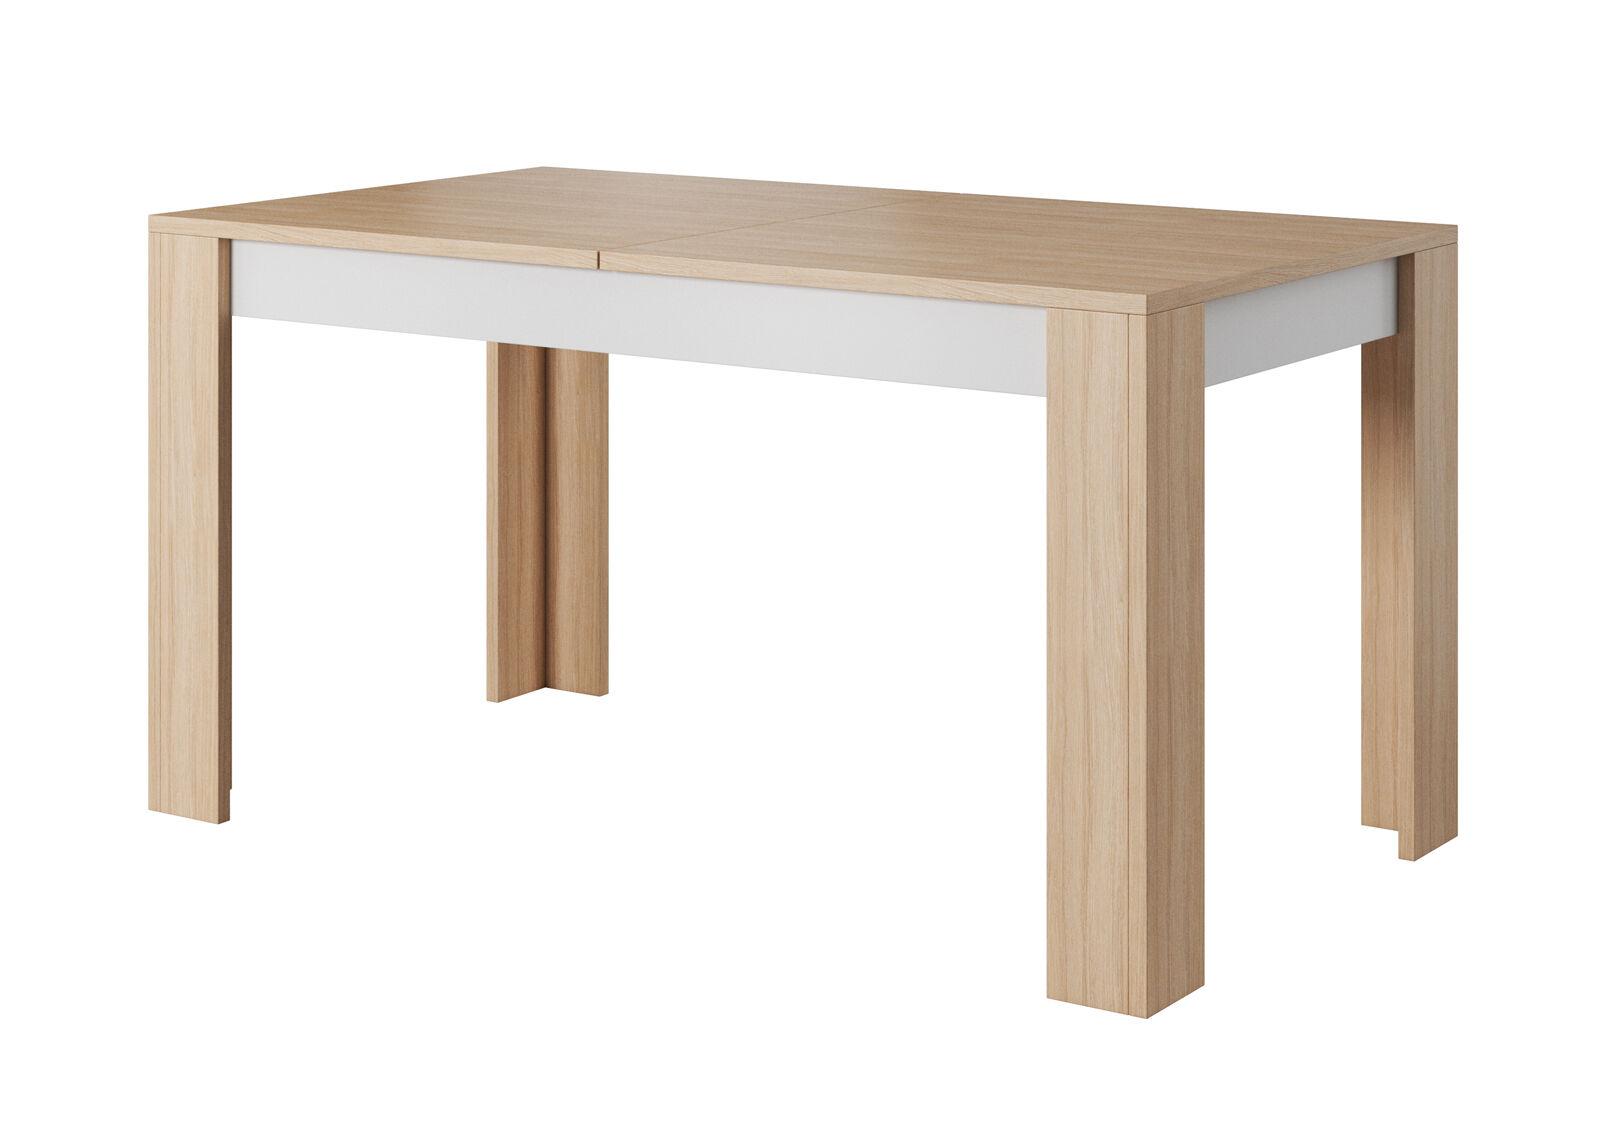 Laski Jatkettava ruokapöytä 140-180x80 cm